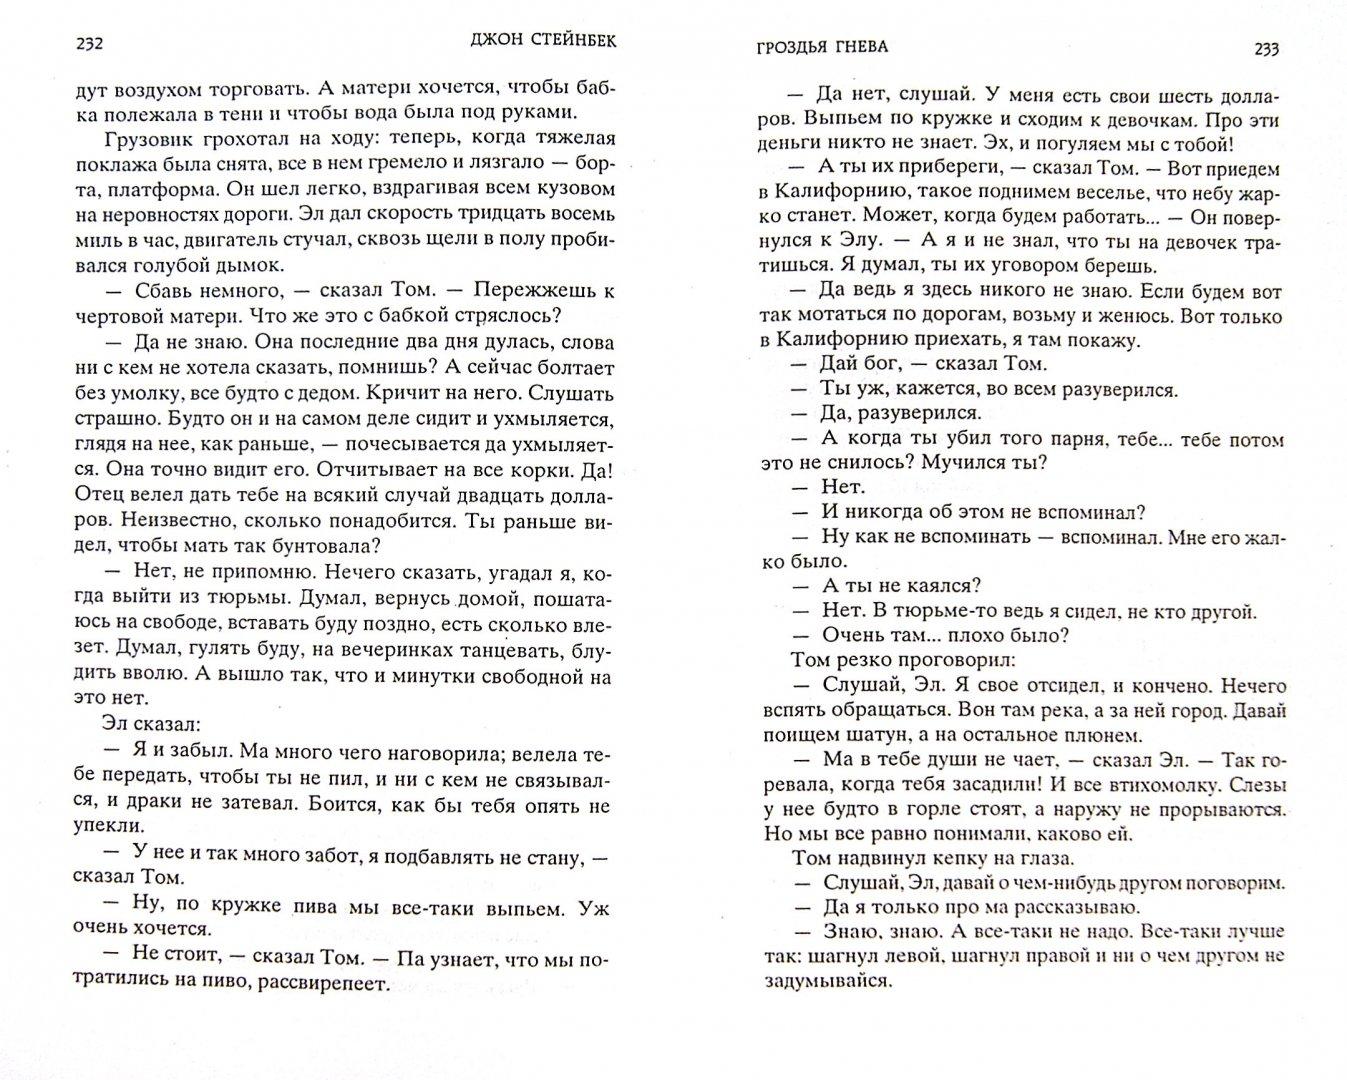 Иллюстрация 1 из 29 для Гроздья гнева - Джон Стейнбек | Лабиринт - книги. Источник: Лабиринт